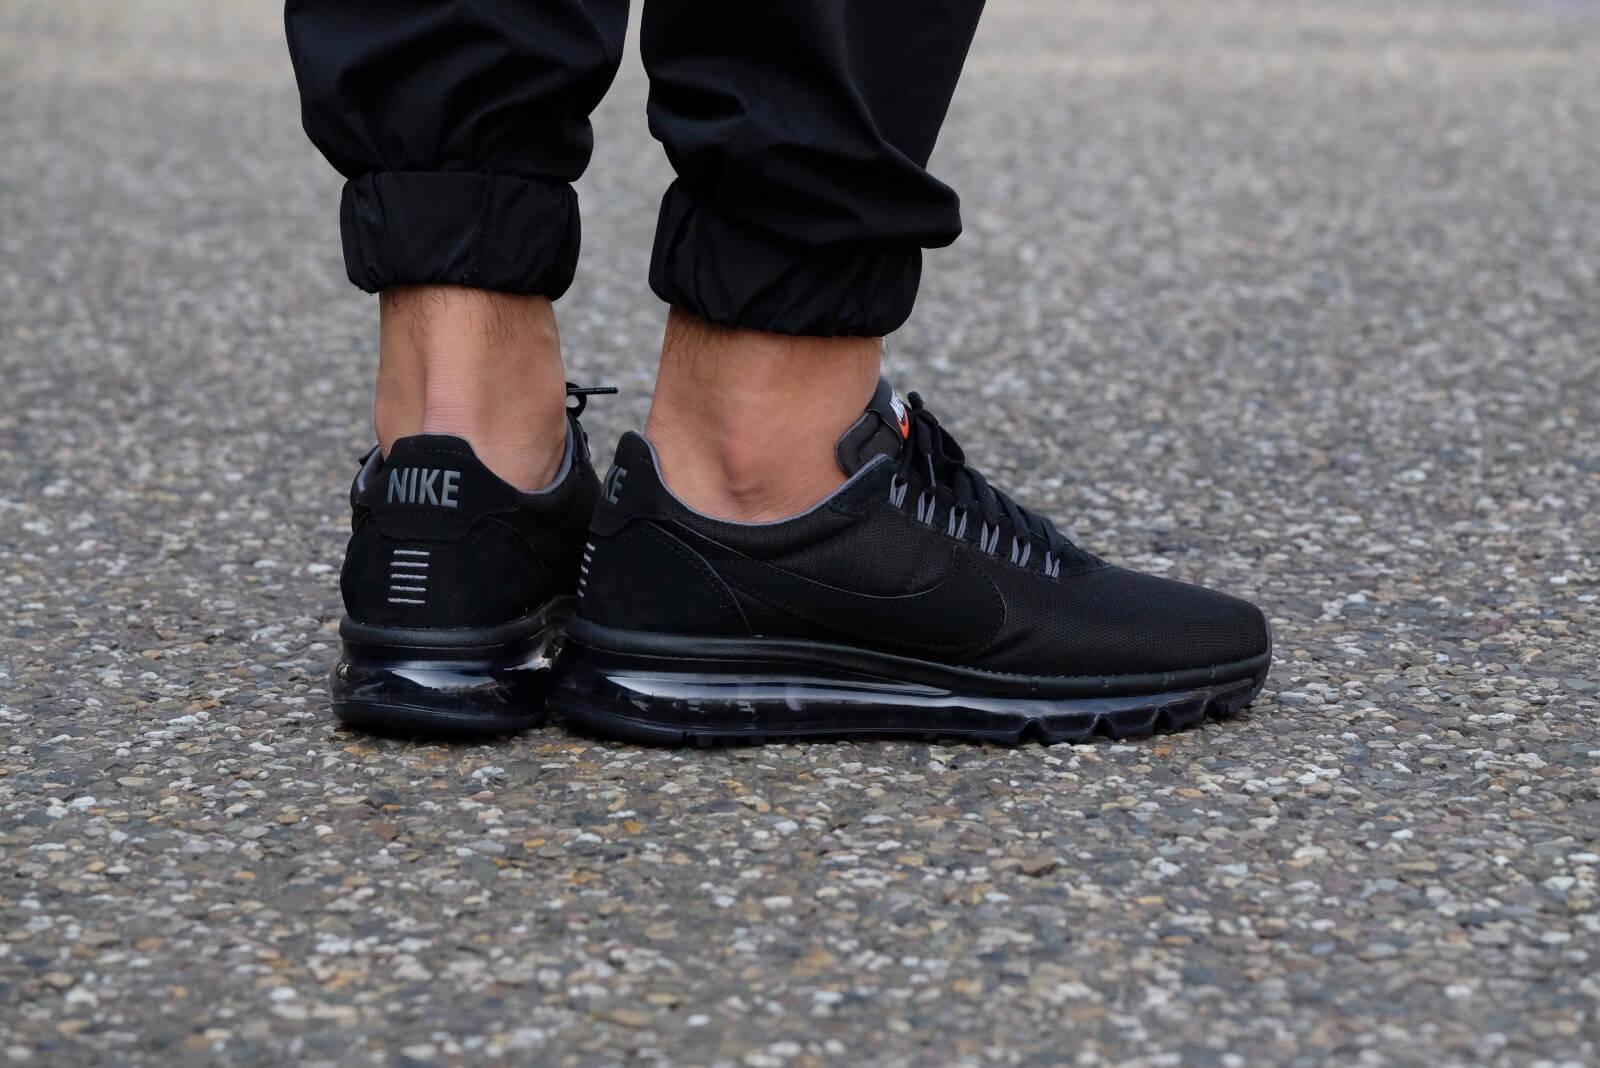 best cheap 3e8c4 1b152 Nike Air Max LD-Zero Black Black-Dark Grey - 848624-005   shoes   Nike air  max, Air max, Nike air